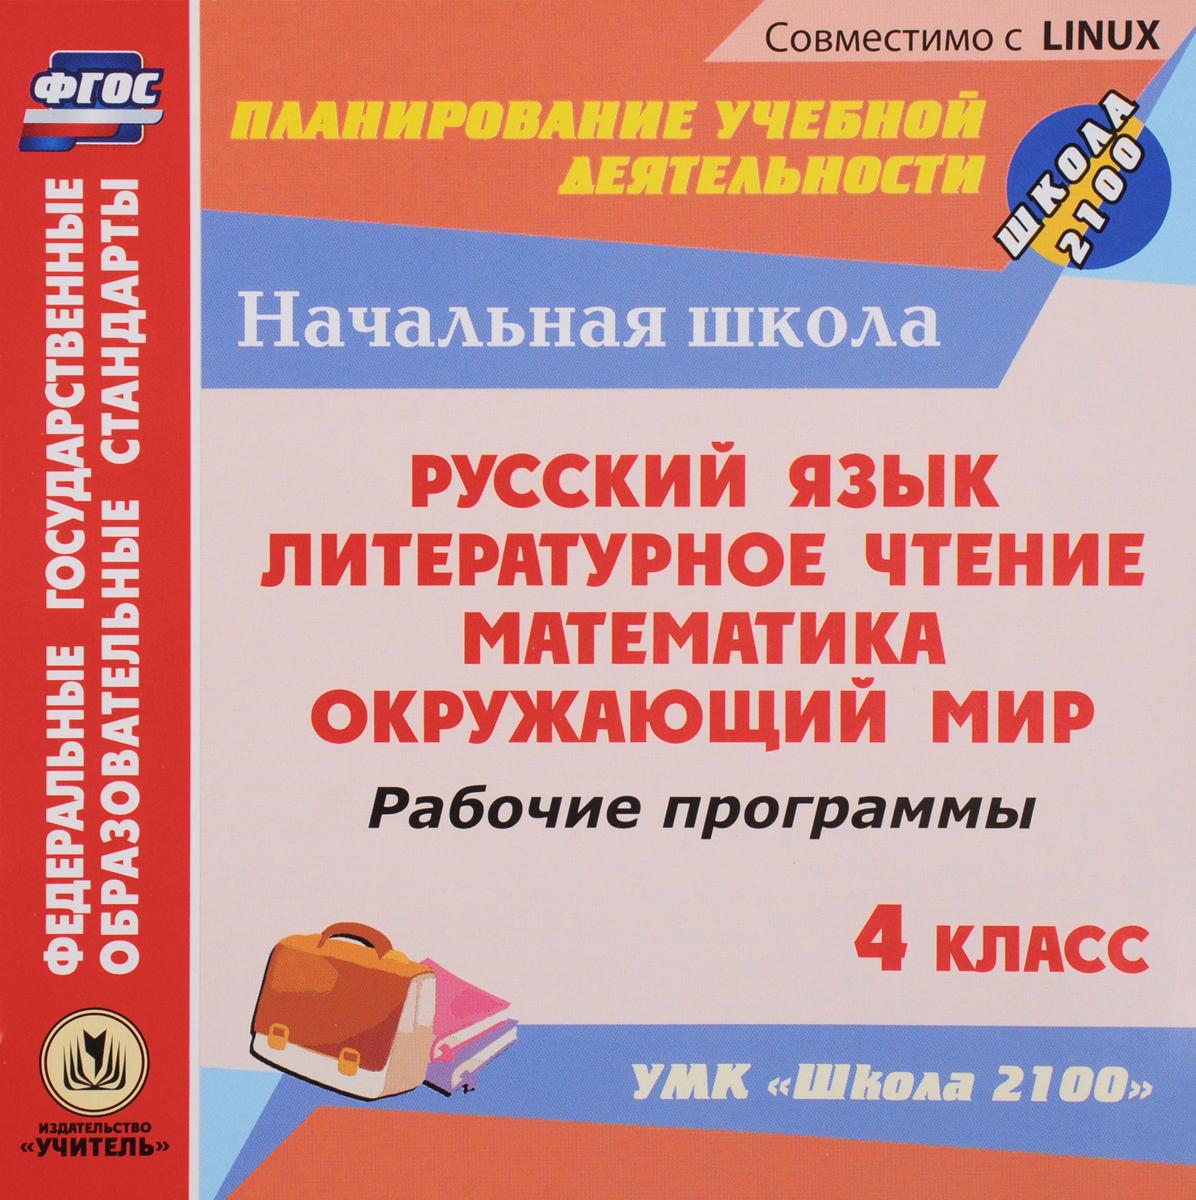 Рабочие программы по УМК